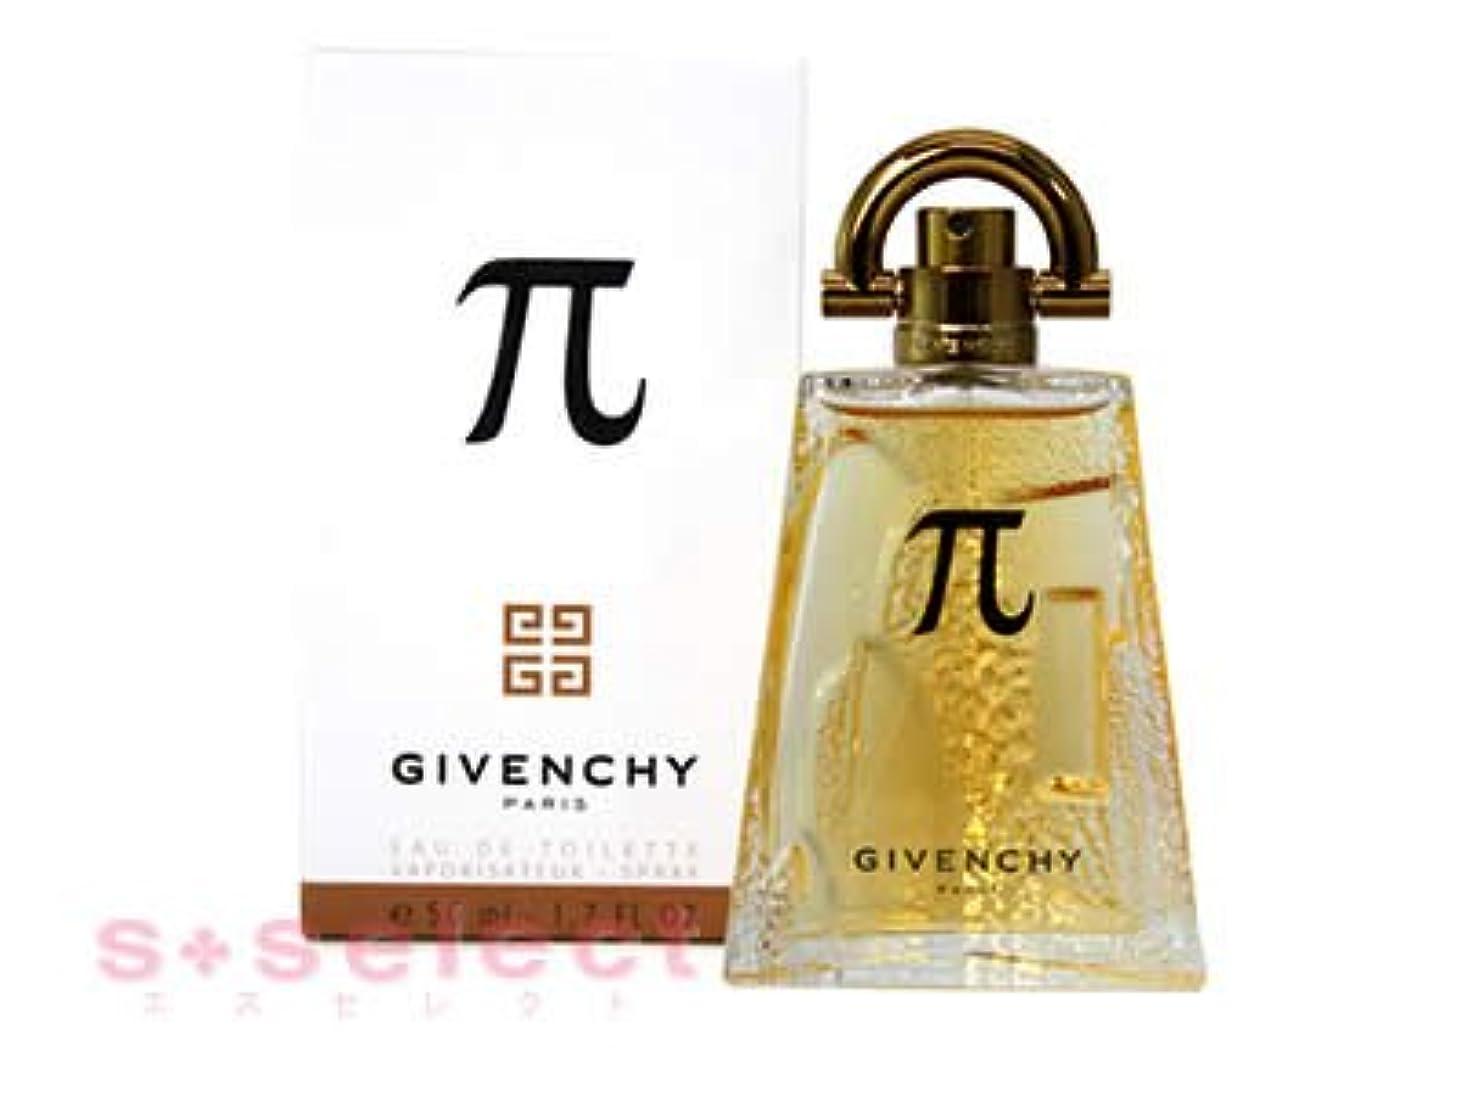 突進適合揺れるGIVENCHY ジバンシー Π ジバンシーパイ 50ML レディース 香水 (並行輸入品)